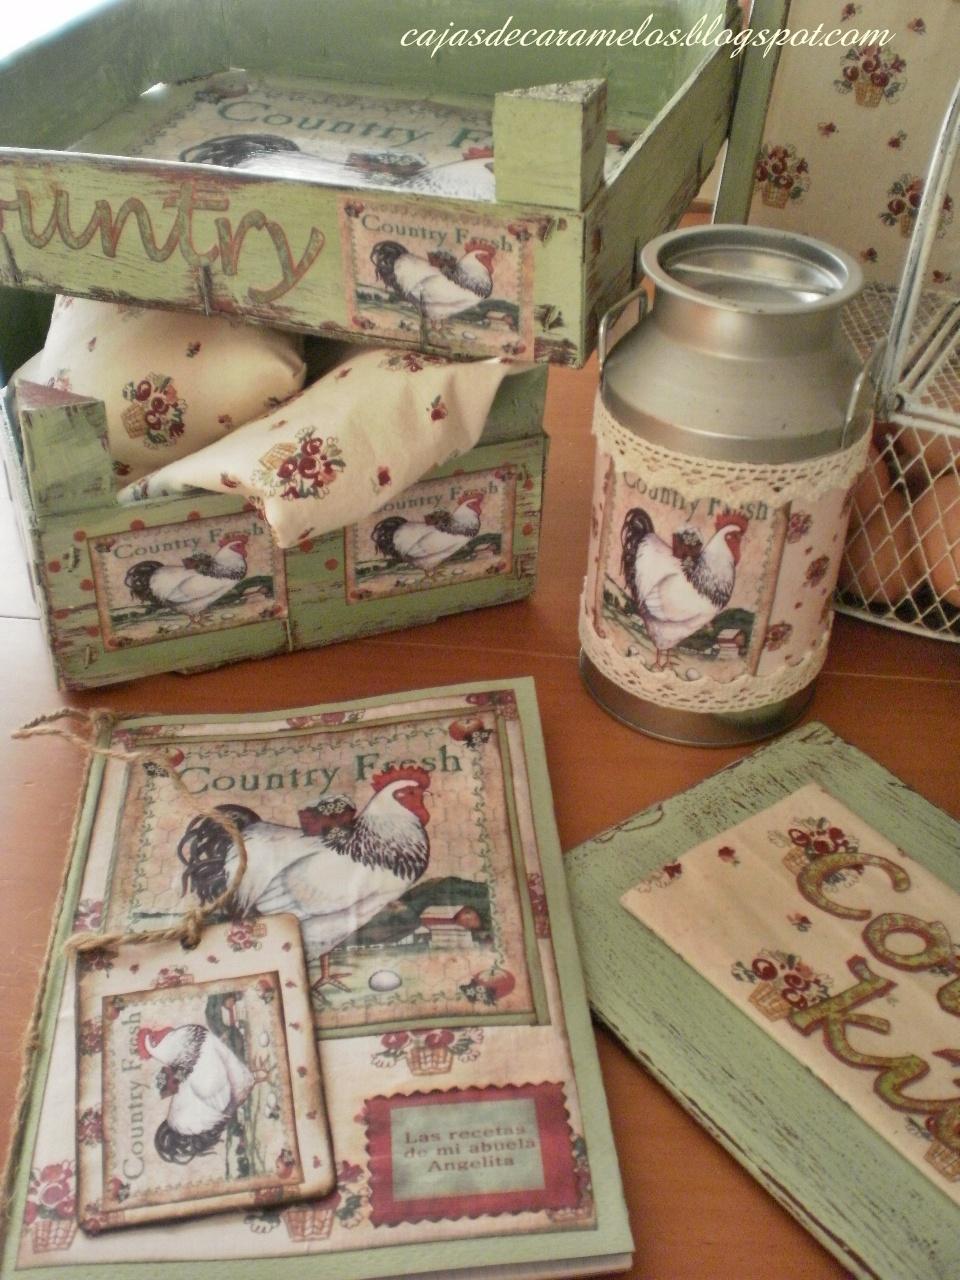 Complementos para cocina r stica con gallinas cajas - Cajas para cocina ...